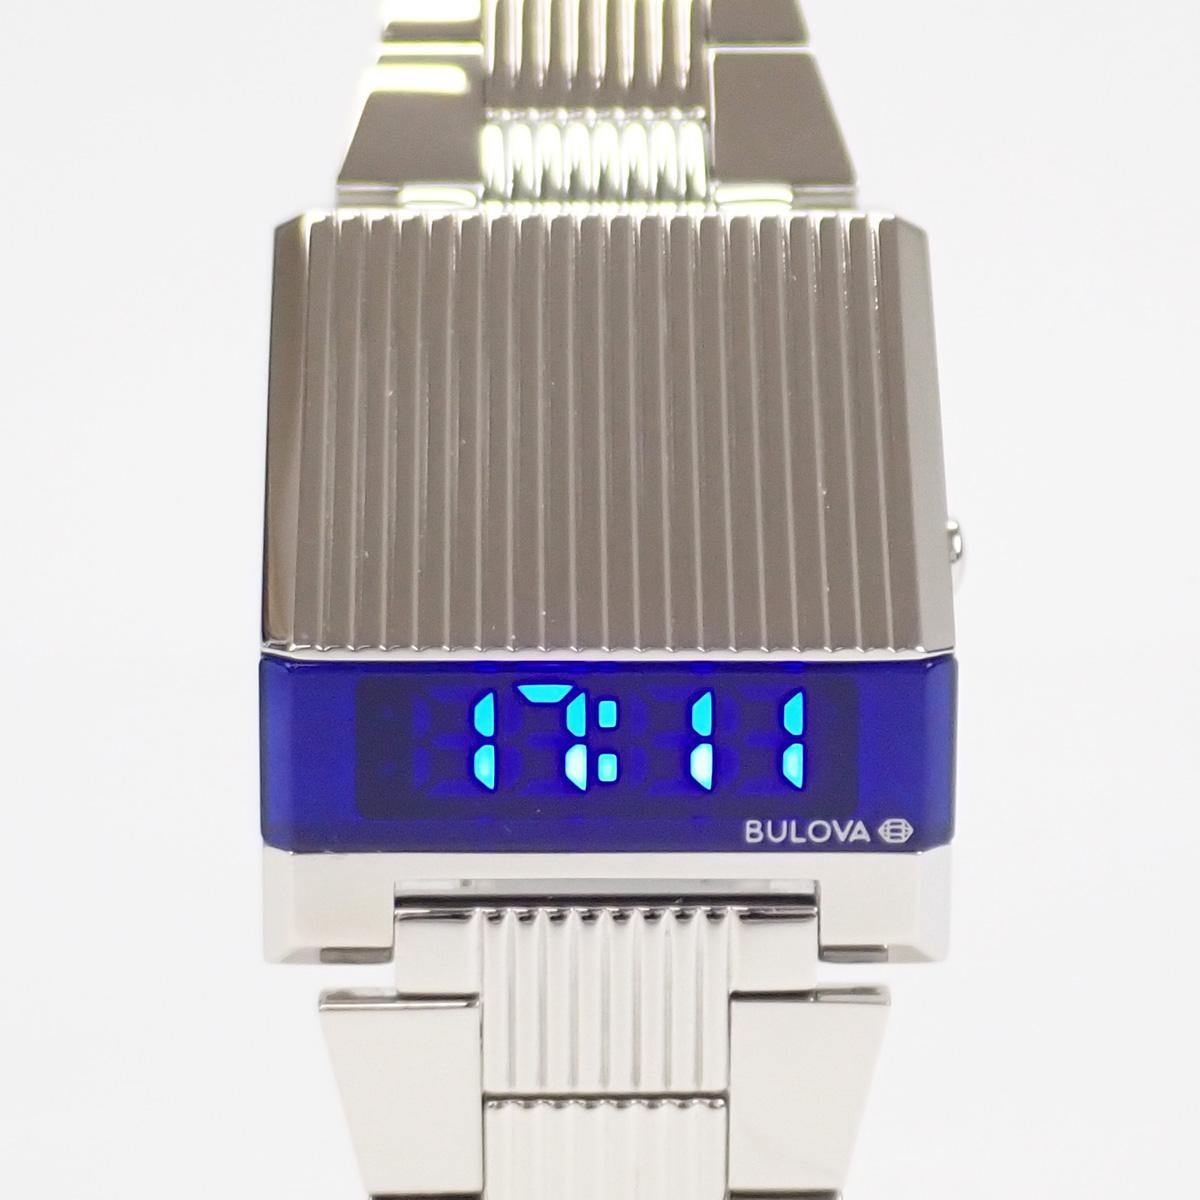 【辛口評価】【Aランク】BULOVA ブローバ SS アーカイブス シリーズ コンピュートロン 96C139 シルバー ブルー文字盤